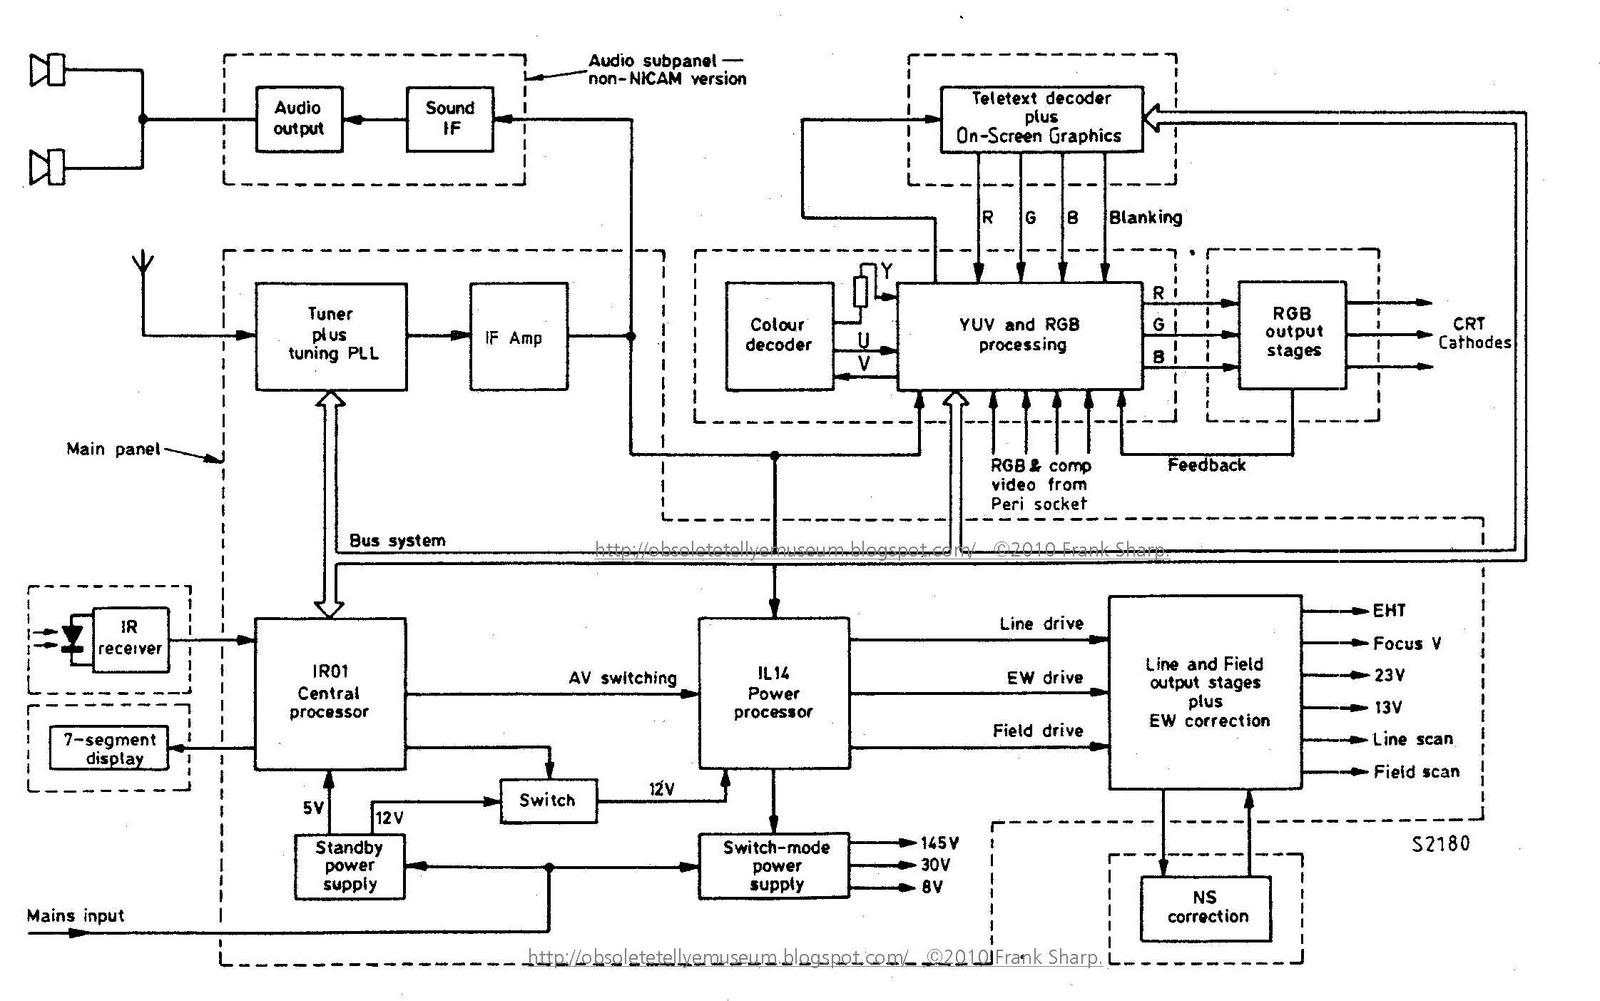 telefunken palcolor hifi 292 pip millennium chassis 618 a 2 pip icc5341 [ 1600 x 1001 Pixel ]